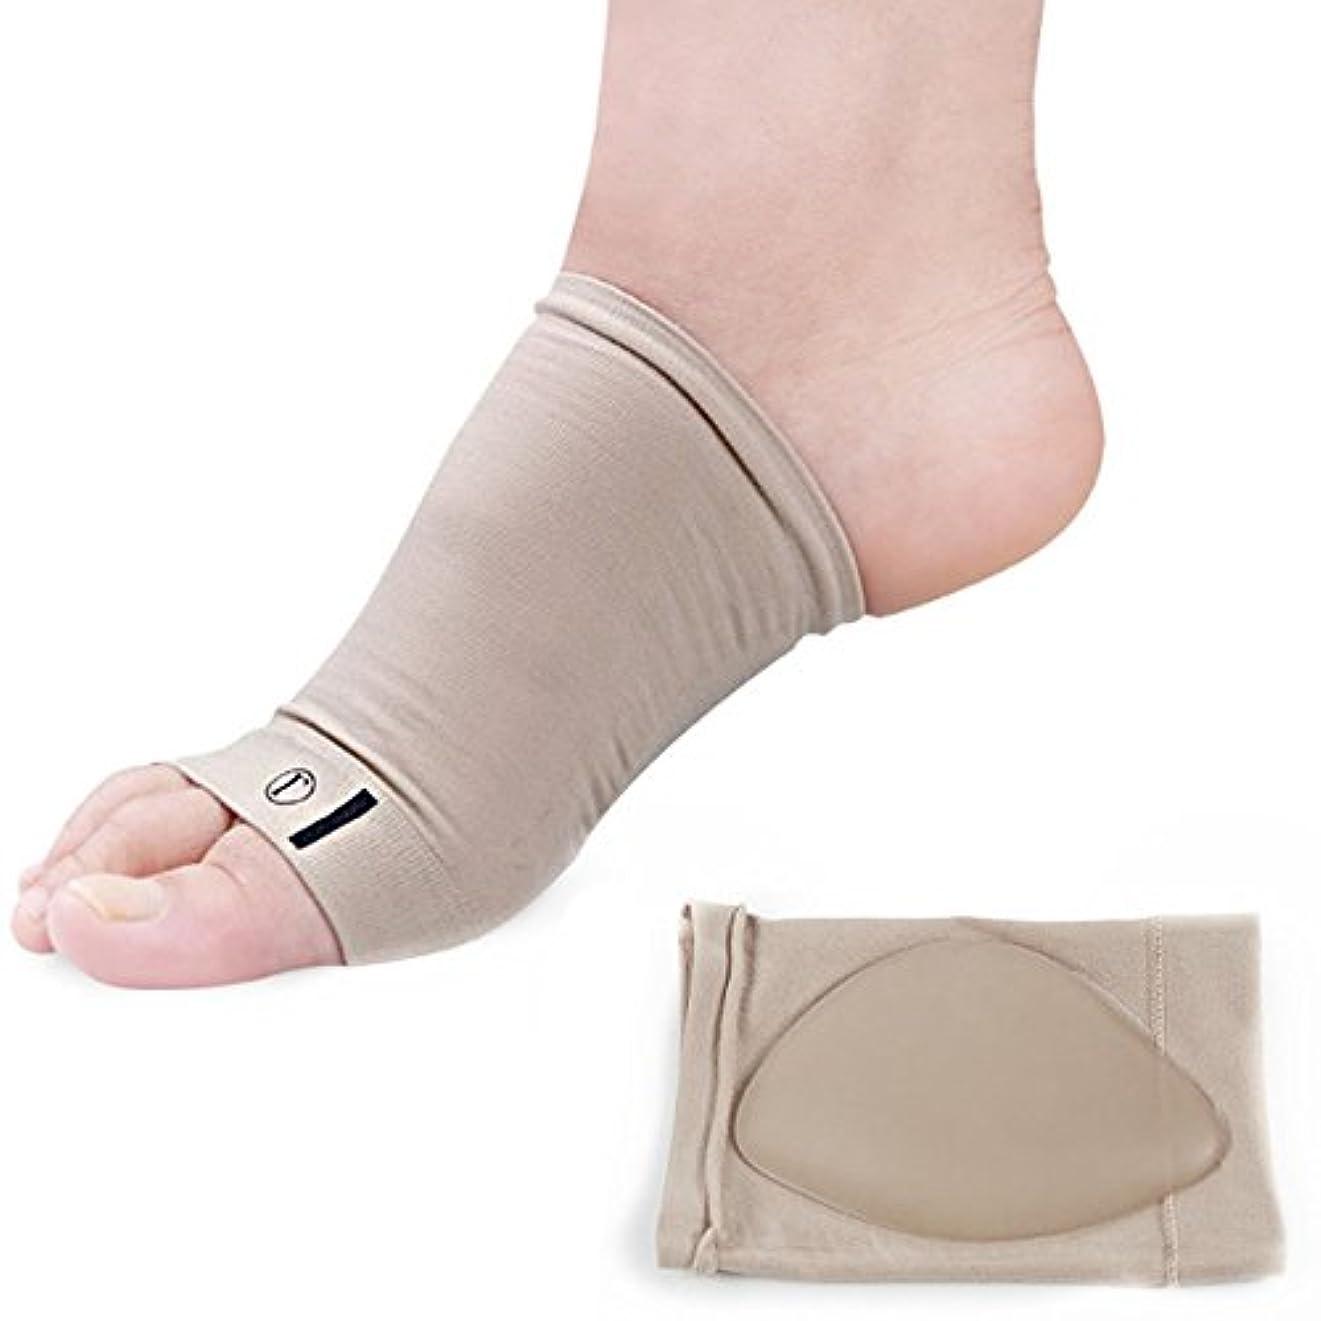 斧進化パラシュート山の奥 足底筋膜炎 アーチサポーター 専用 シリコン インソール 衝撃吸収 足裏 足底の痛みを解消 左右セット 解消足裏パッド